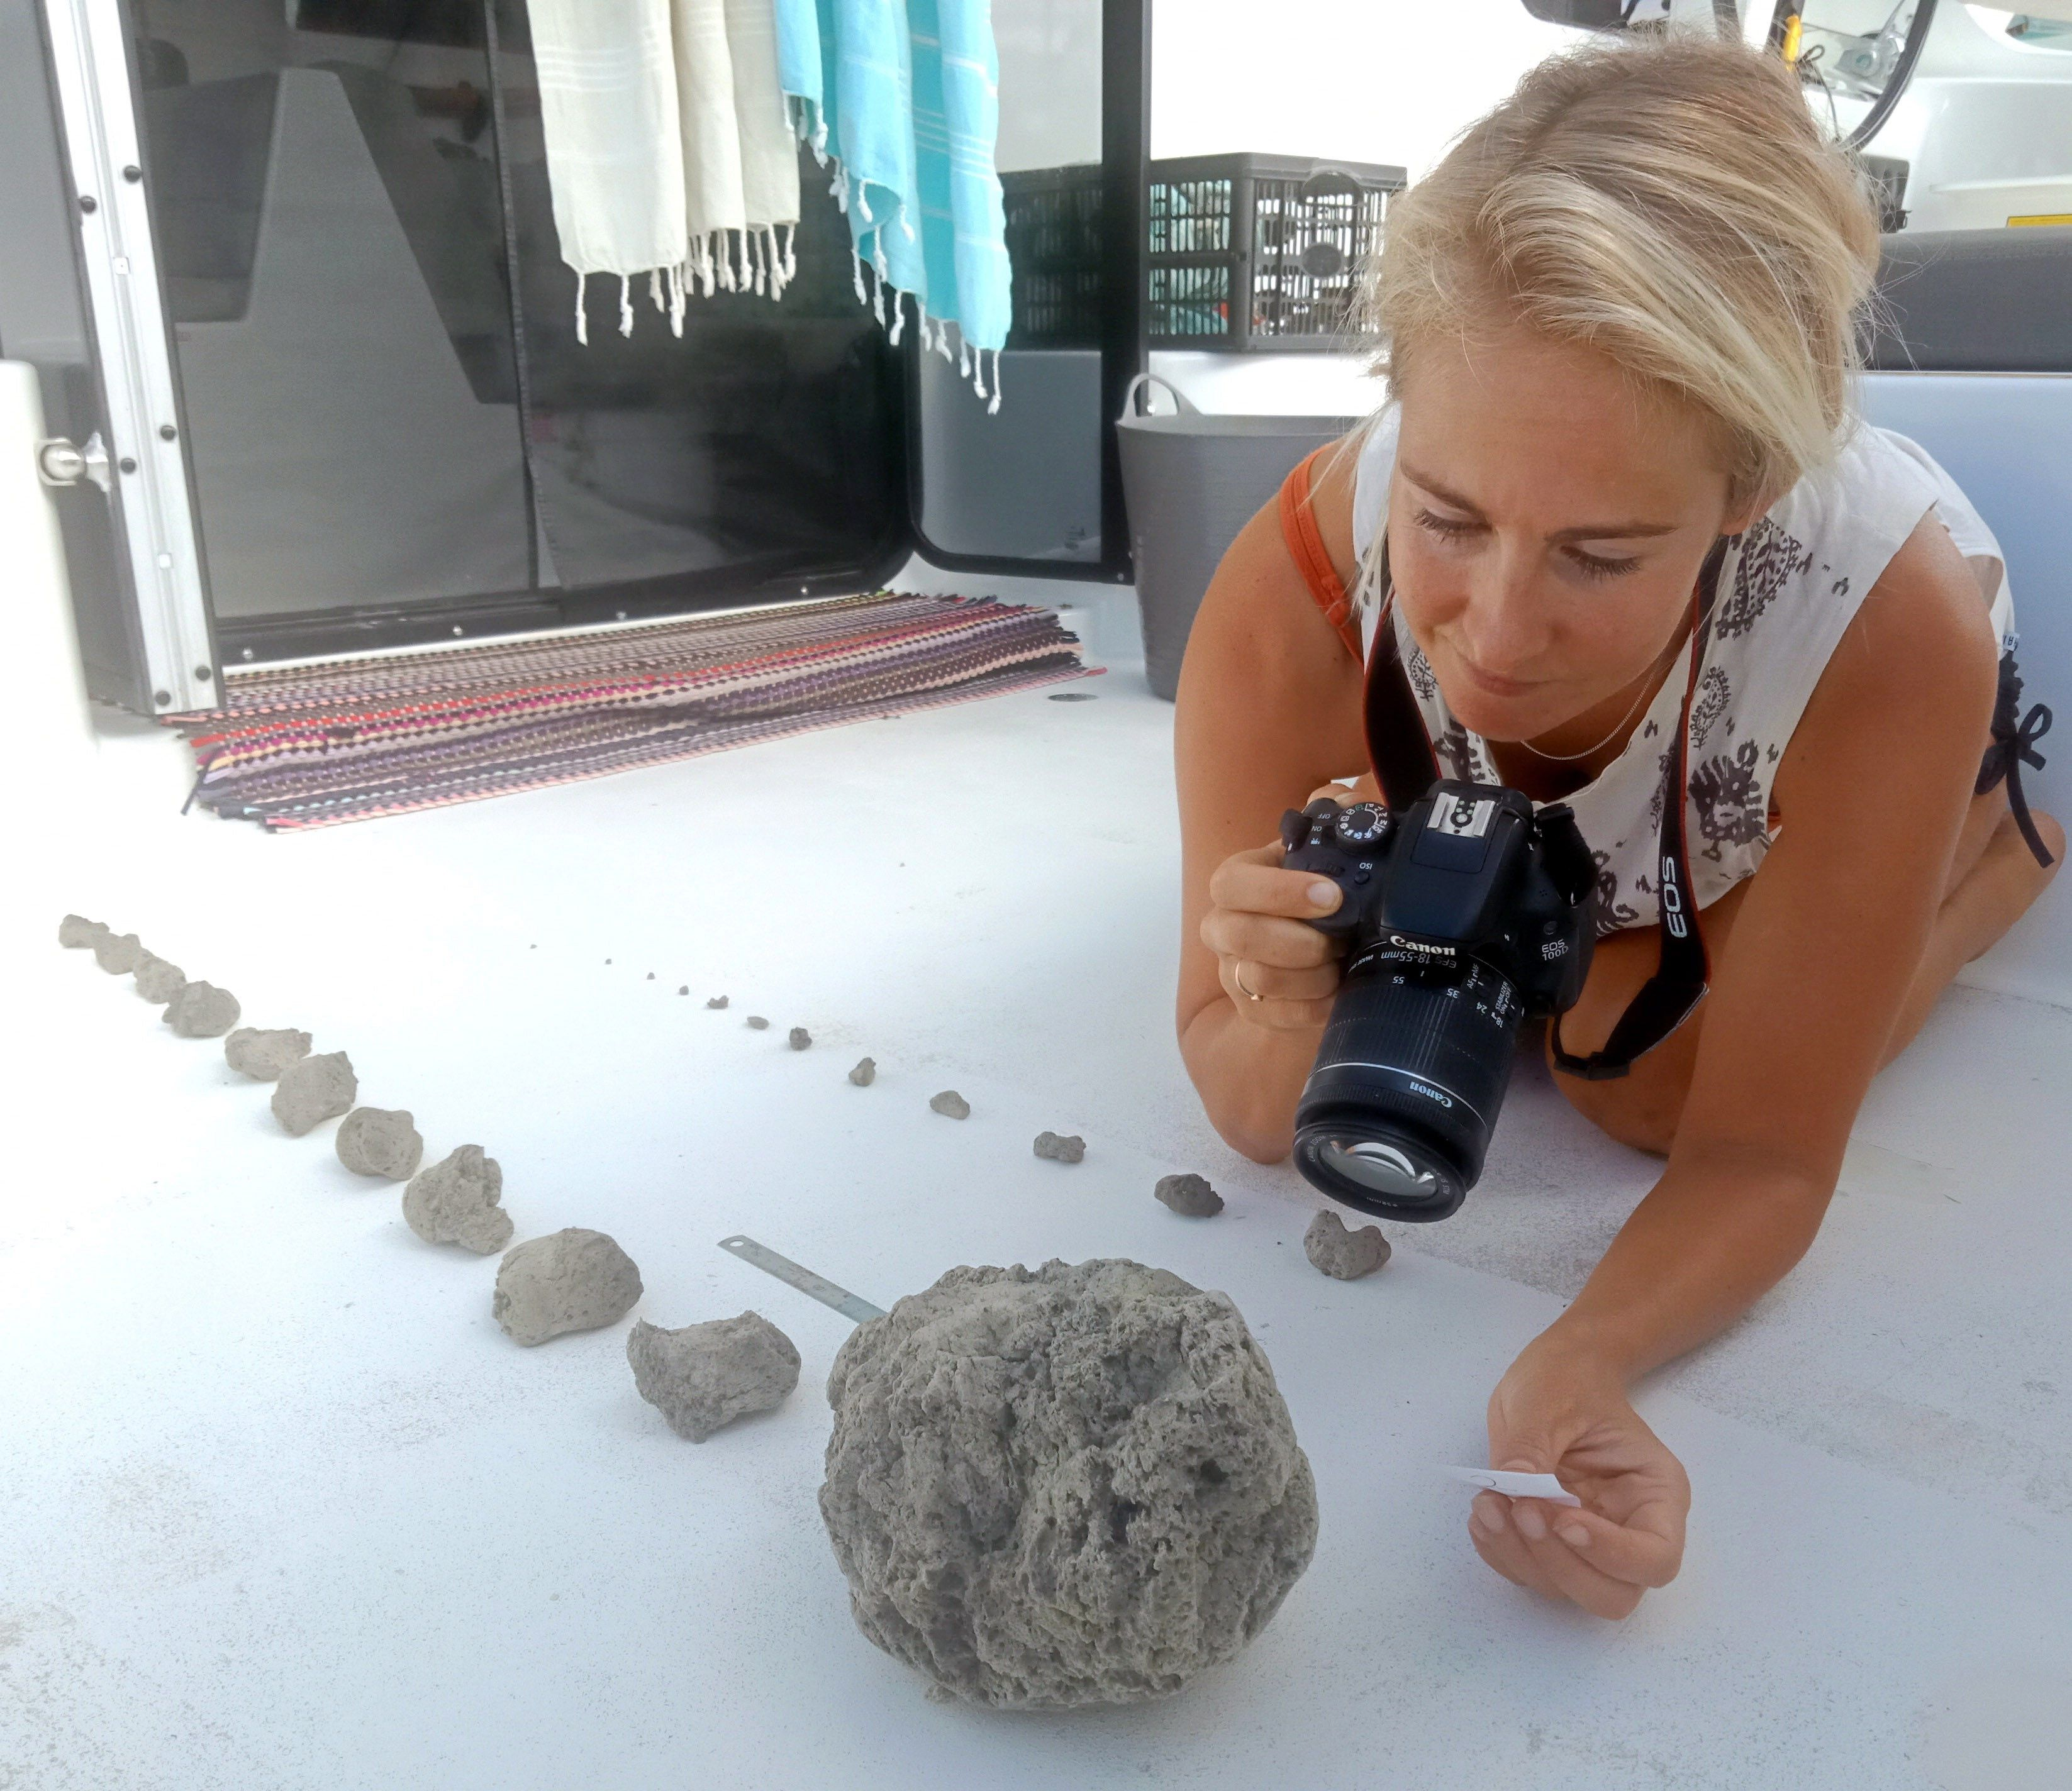 Una tripulante del catamarán Roam fotografía algunos de los fragmentos de piedra pómez rescatados del mar.   Foto: EFE